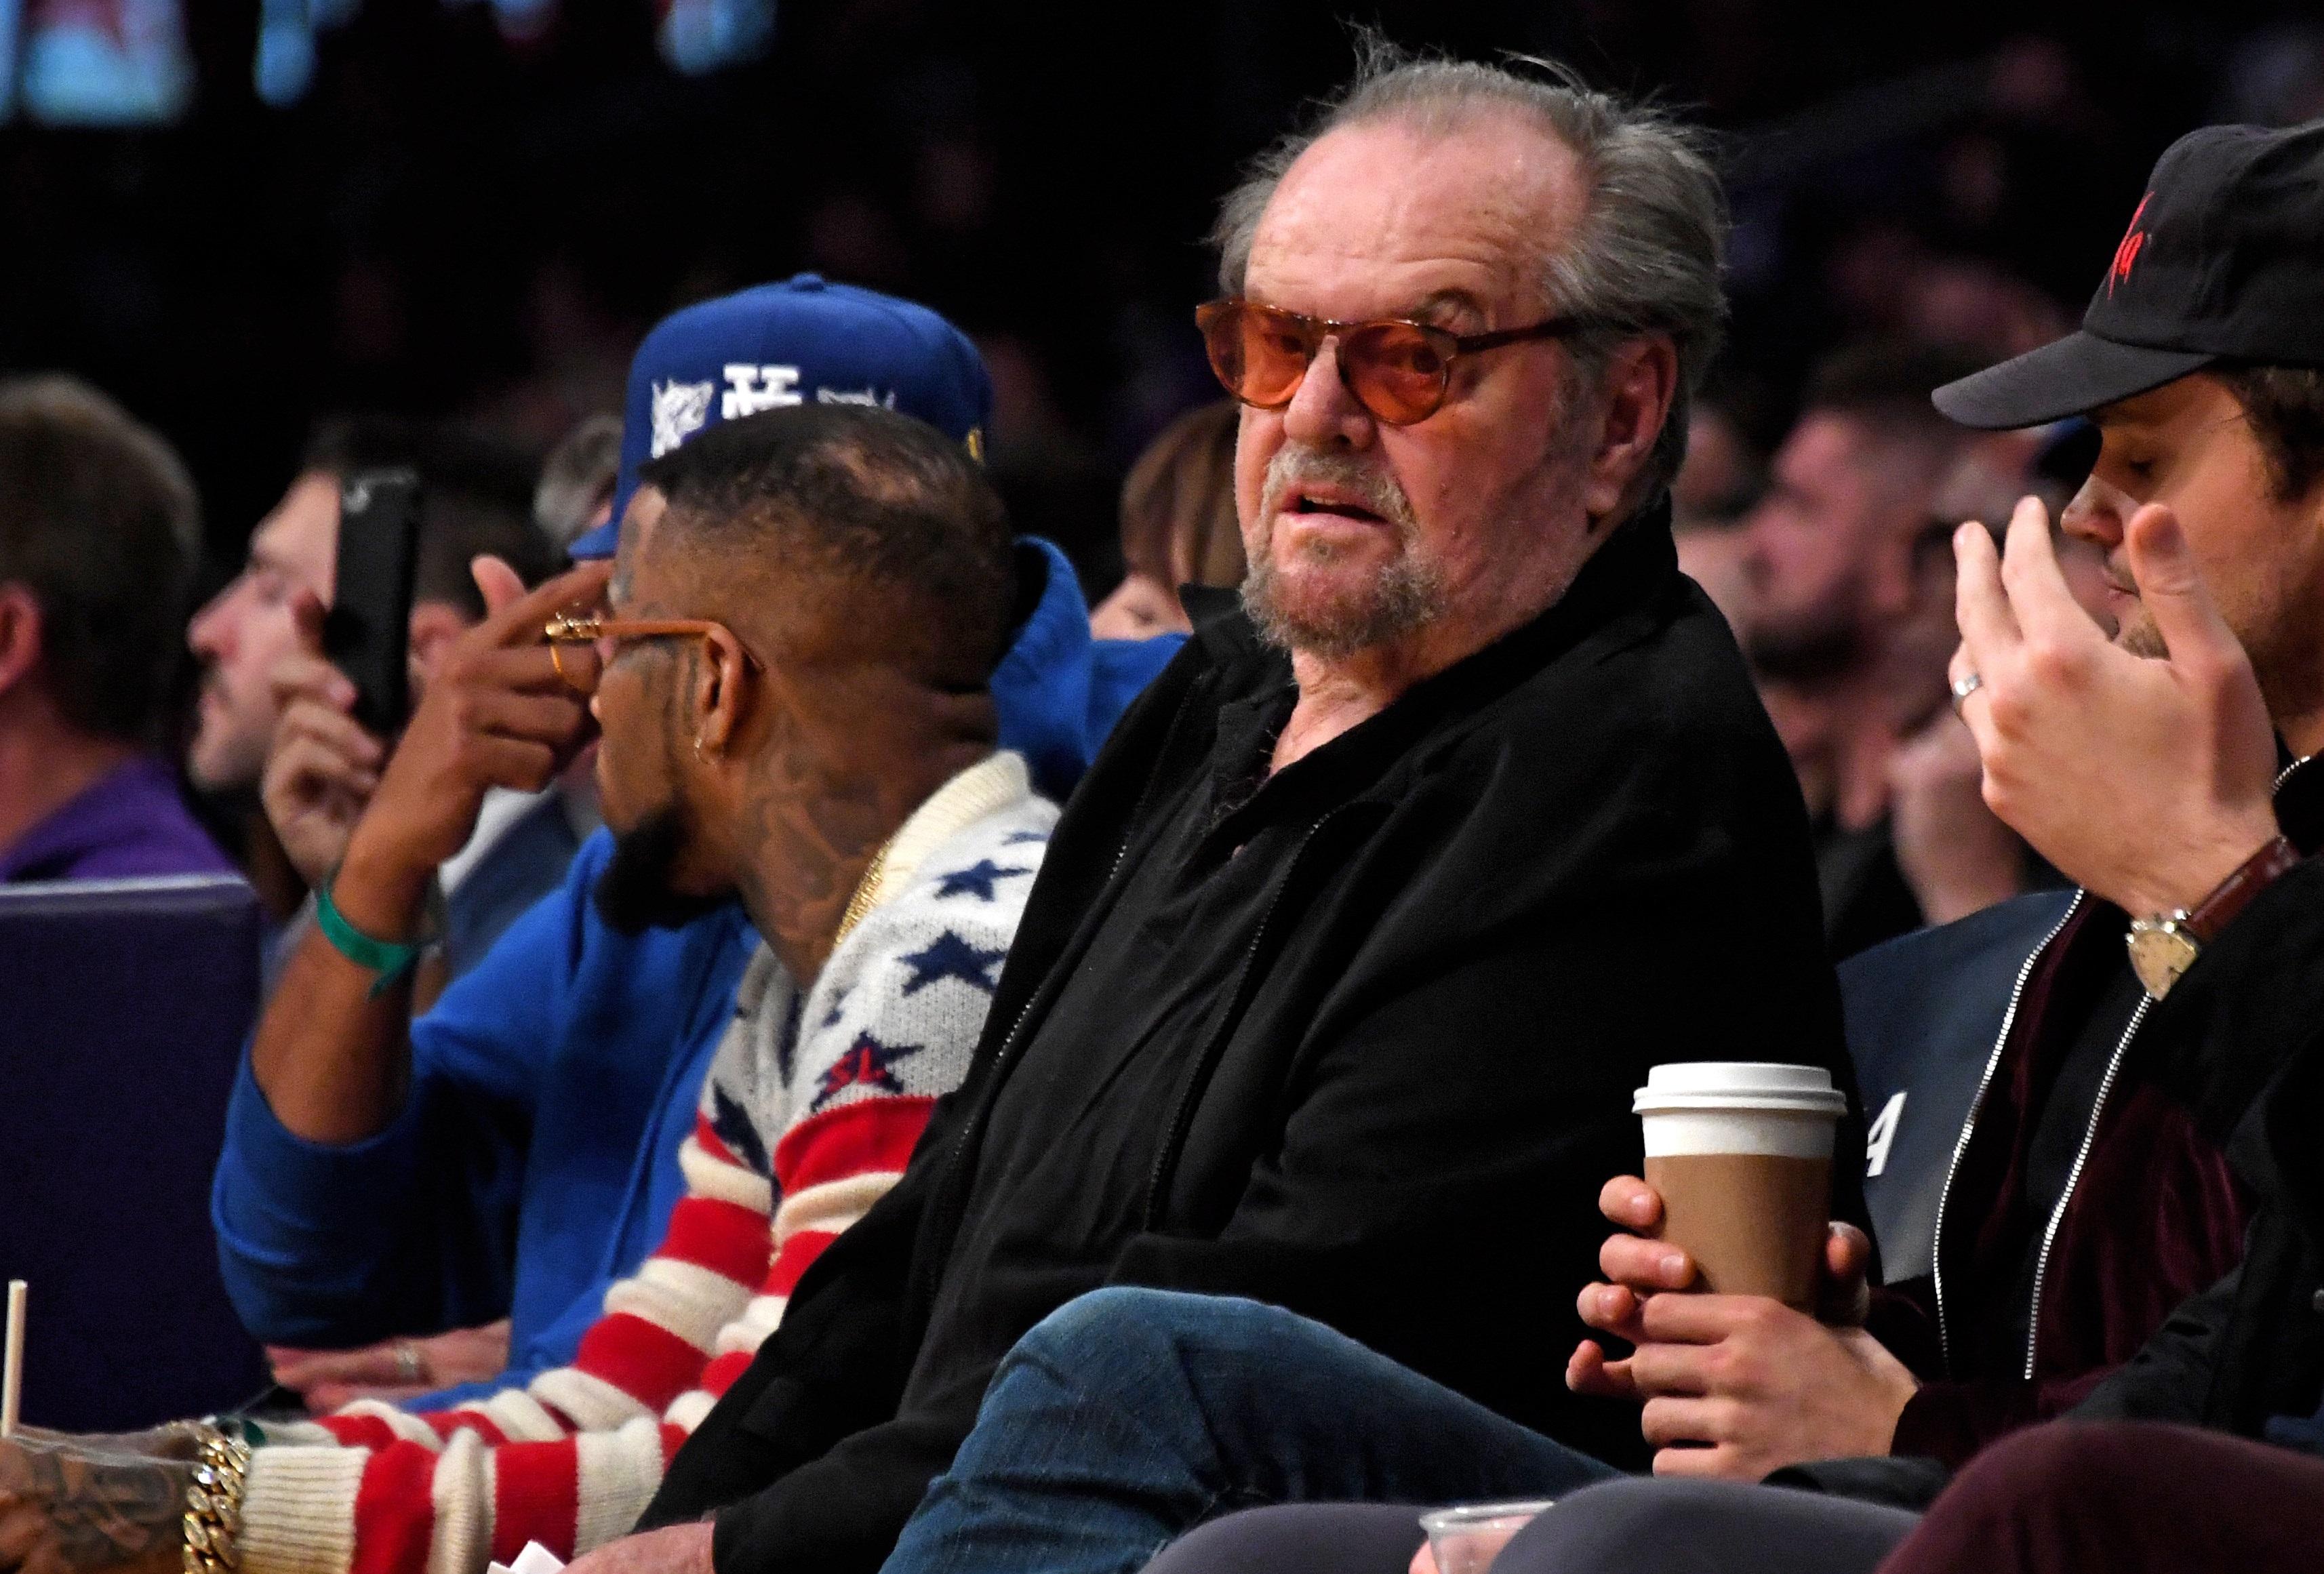 Τζακ Νίκολσον: 20 σπουδαίες ατάκες που έχει ξεστομίσει ο 84χρονος θρύλος του Χόλιγουντ